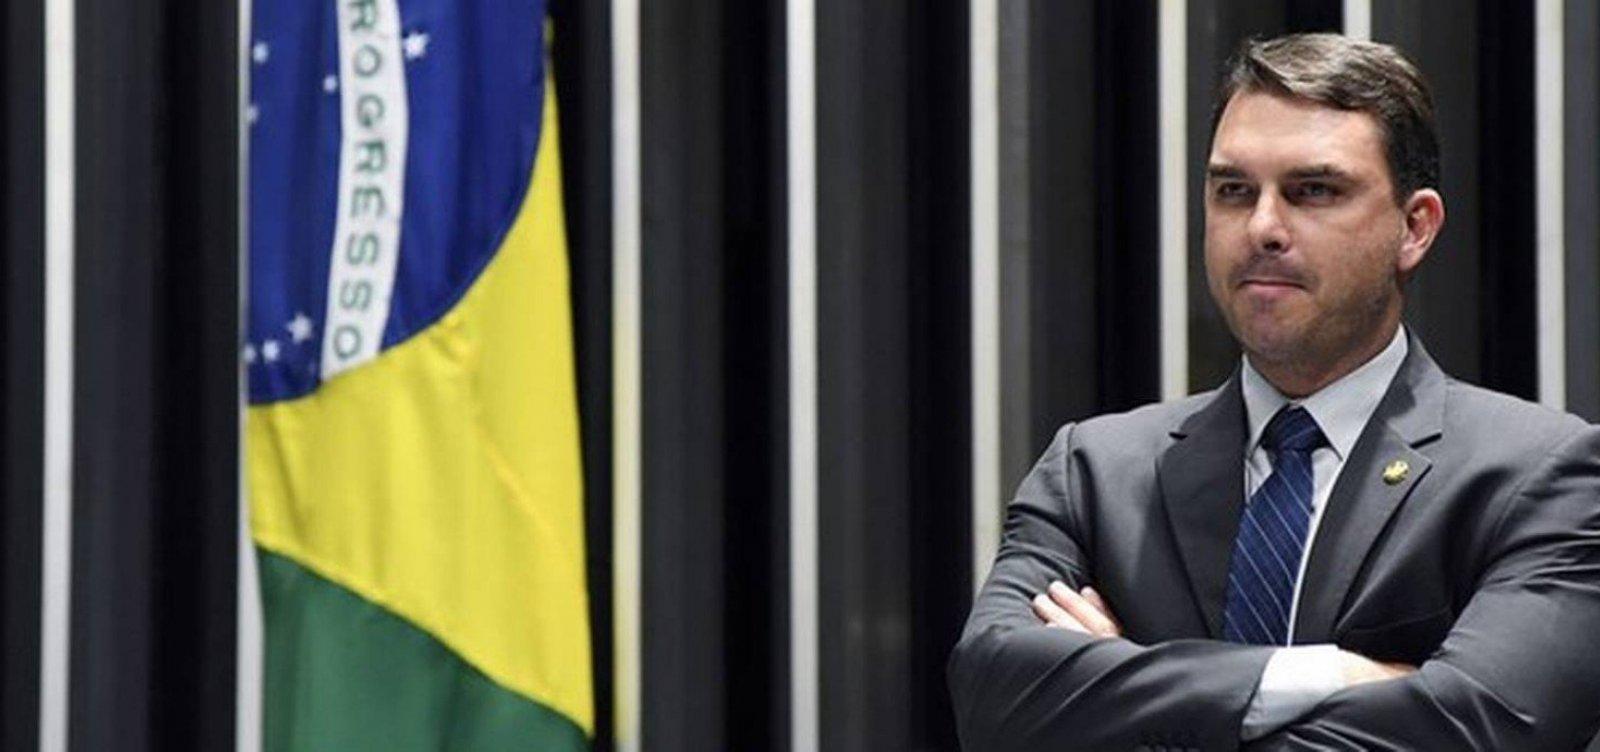 [Flávio Bolsonaro diz que Carlos é 'mais explosivo' e que não vê Queiroz 'há muito tempo']